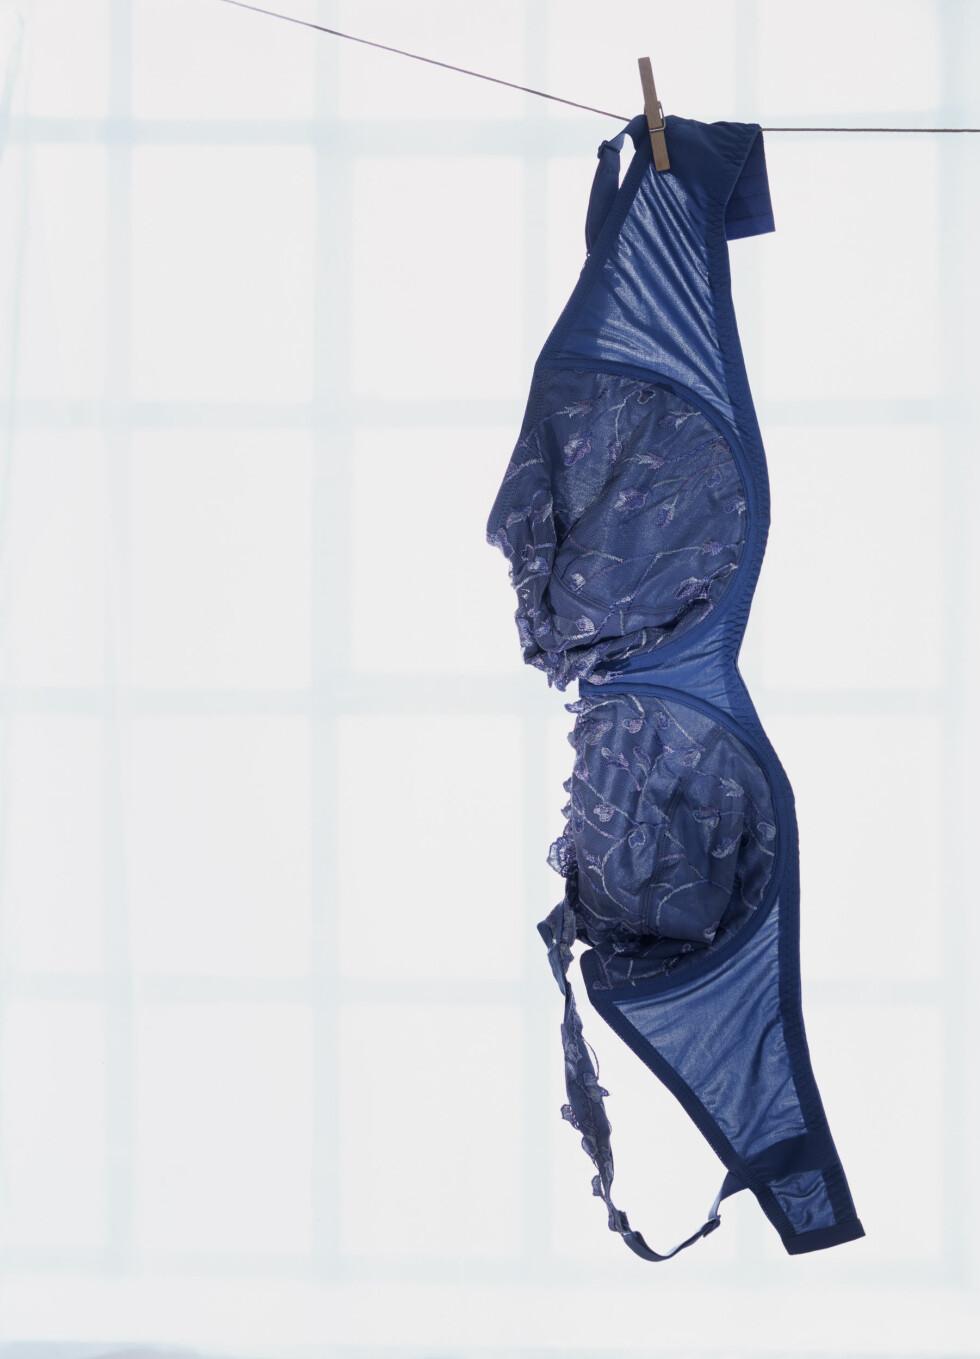 LUFT BH-EN: Heng gjerne opp bh-en etter bruk over natten slik at den får luftet seg før du tar den på igjen. Foto: Plainpicture